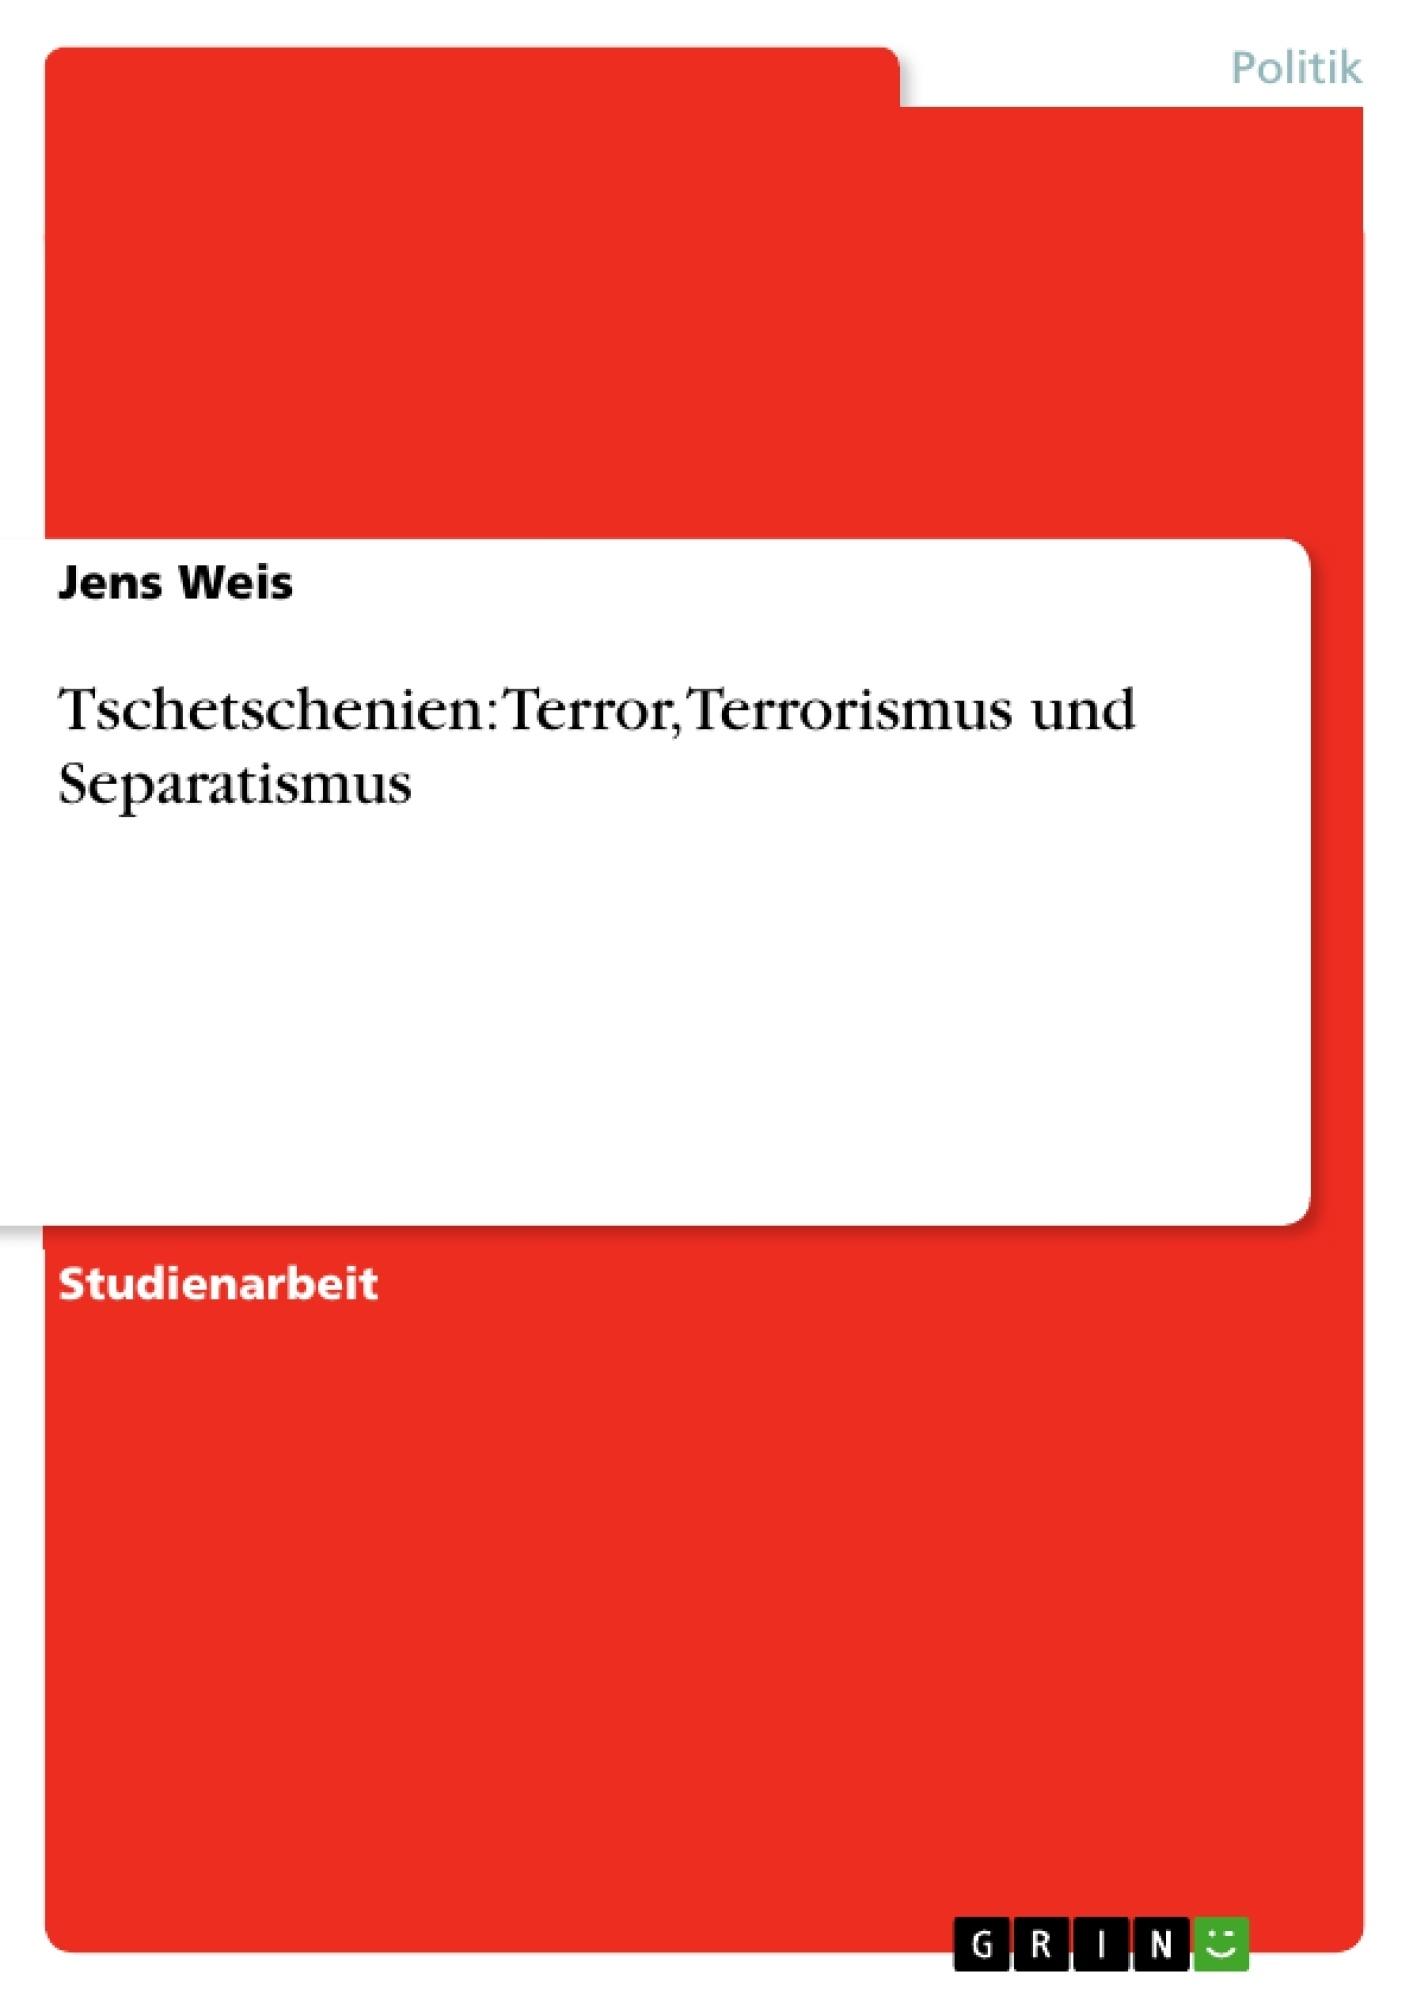 Titel: Tschetschenien: Terror, Terrorismus und Separatismus